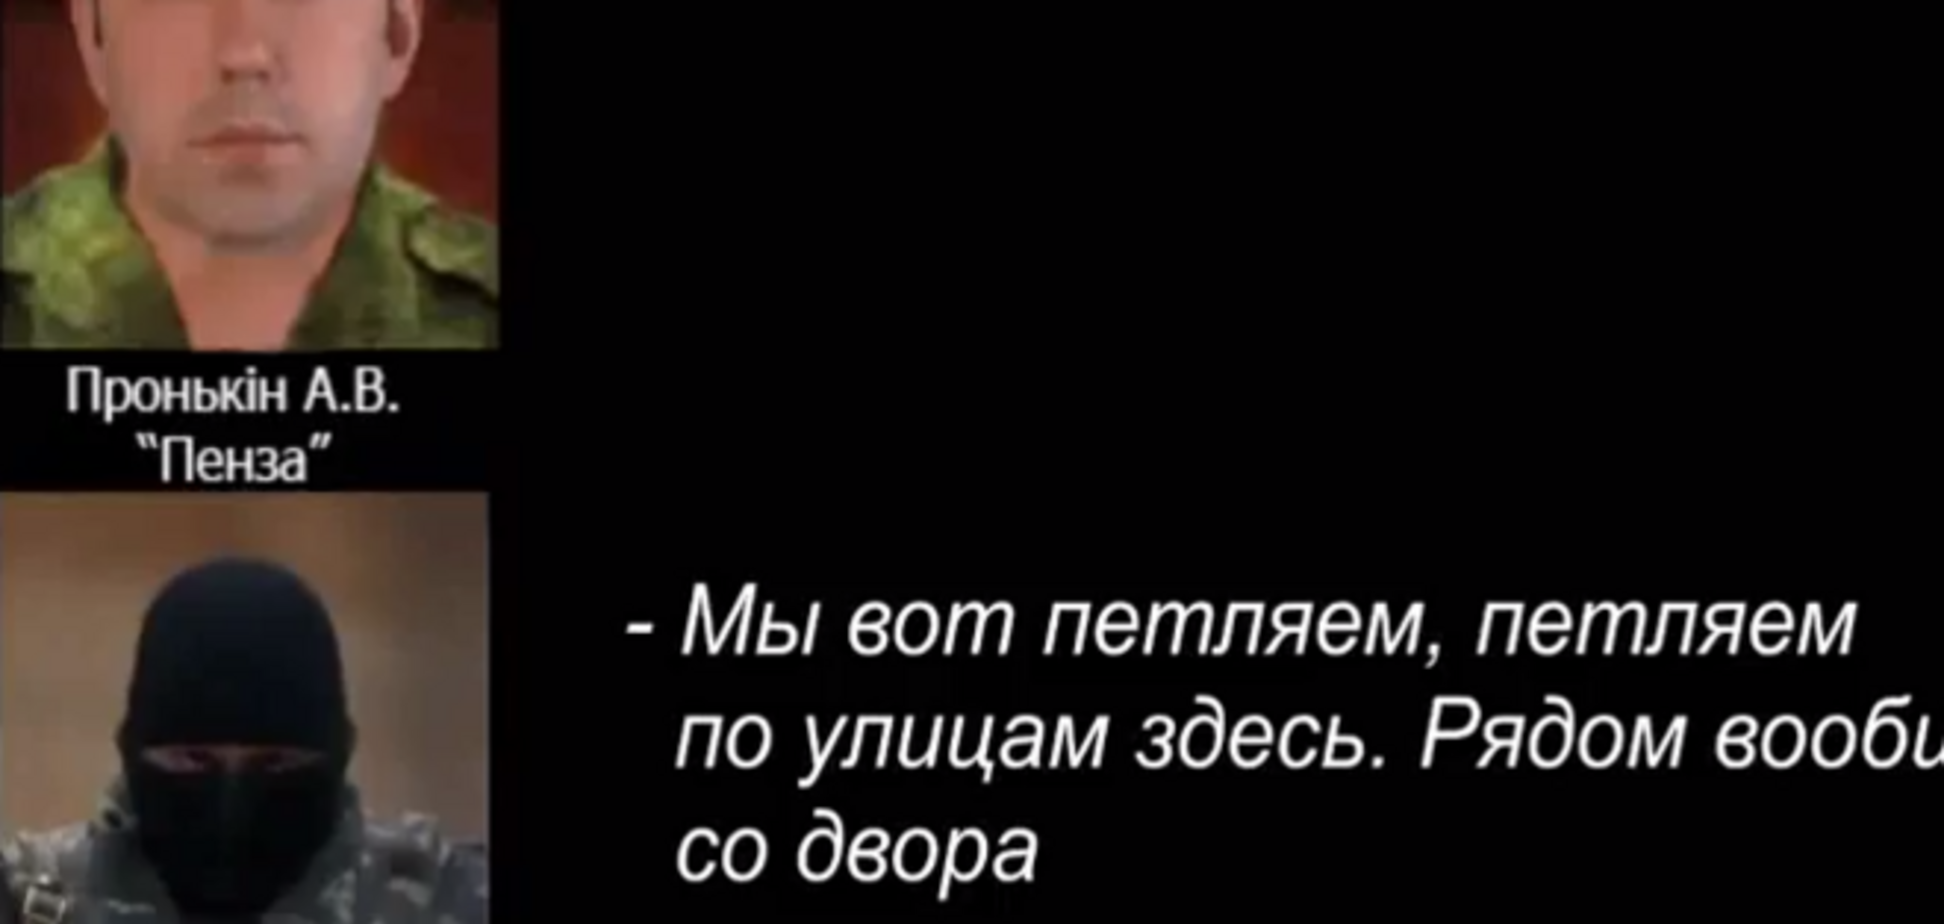 СБУ перехватила разговоры боевиков во время обстрела Донецка: аудио